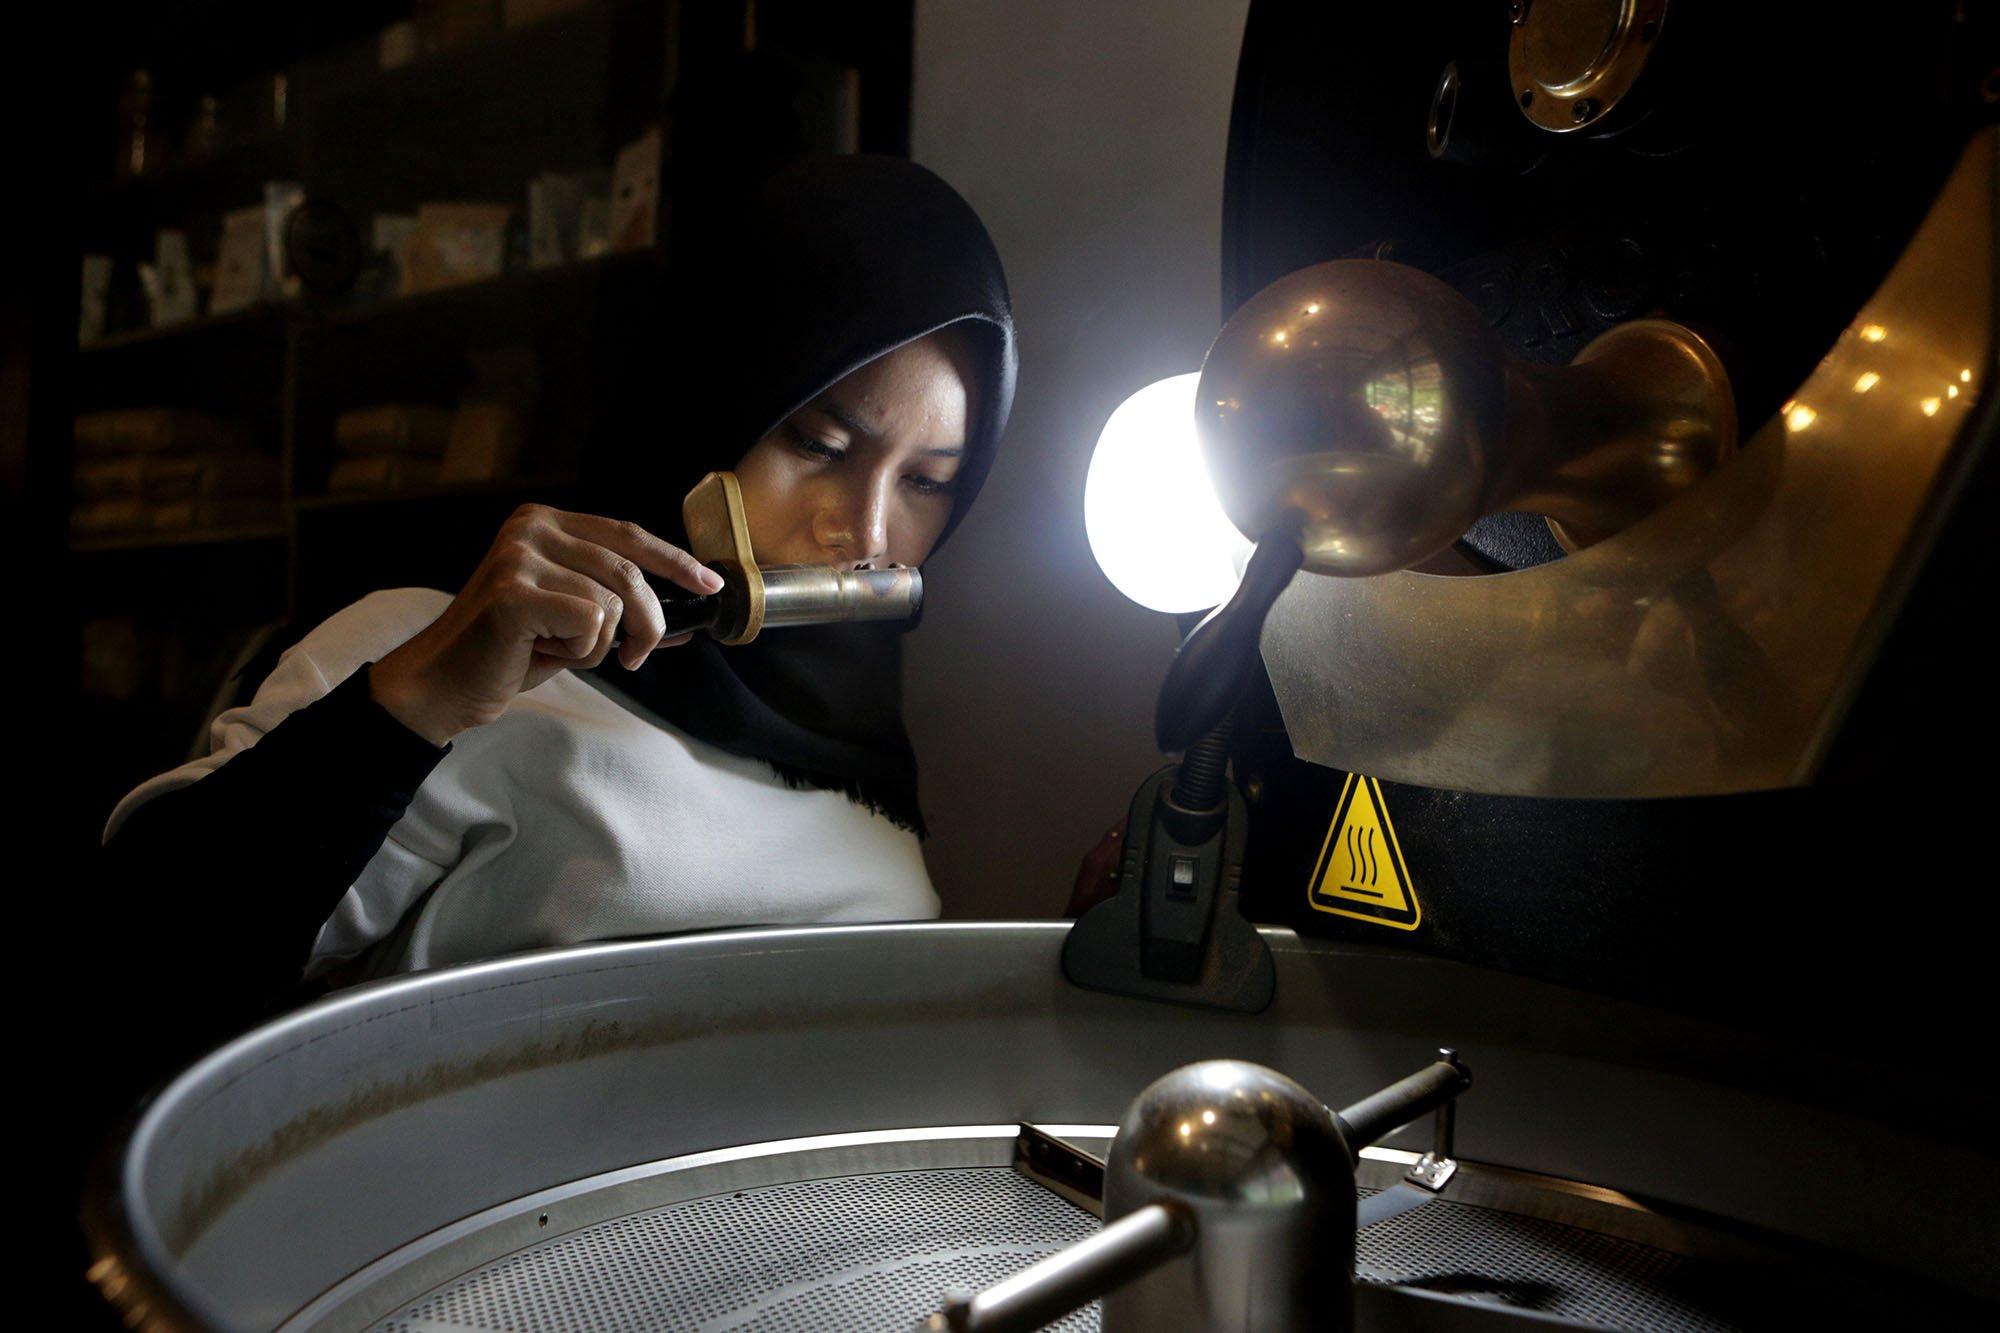 Seorang pekerja mengawasi proses proses roasting atau penyanggraian biji kopi dengan menggunakan mesin di Malabar Mountain Coffee, Bogor, (13/11/2019).